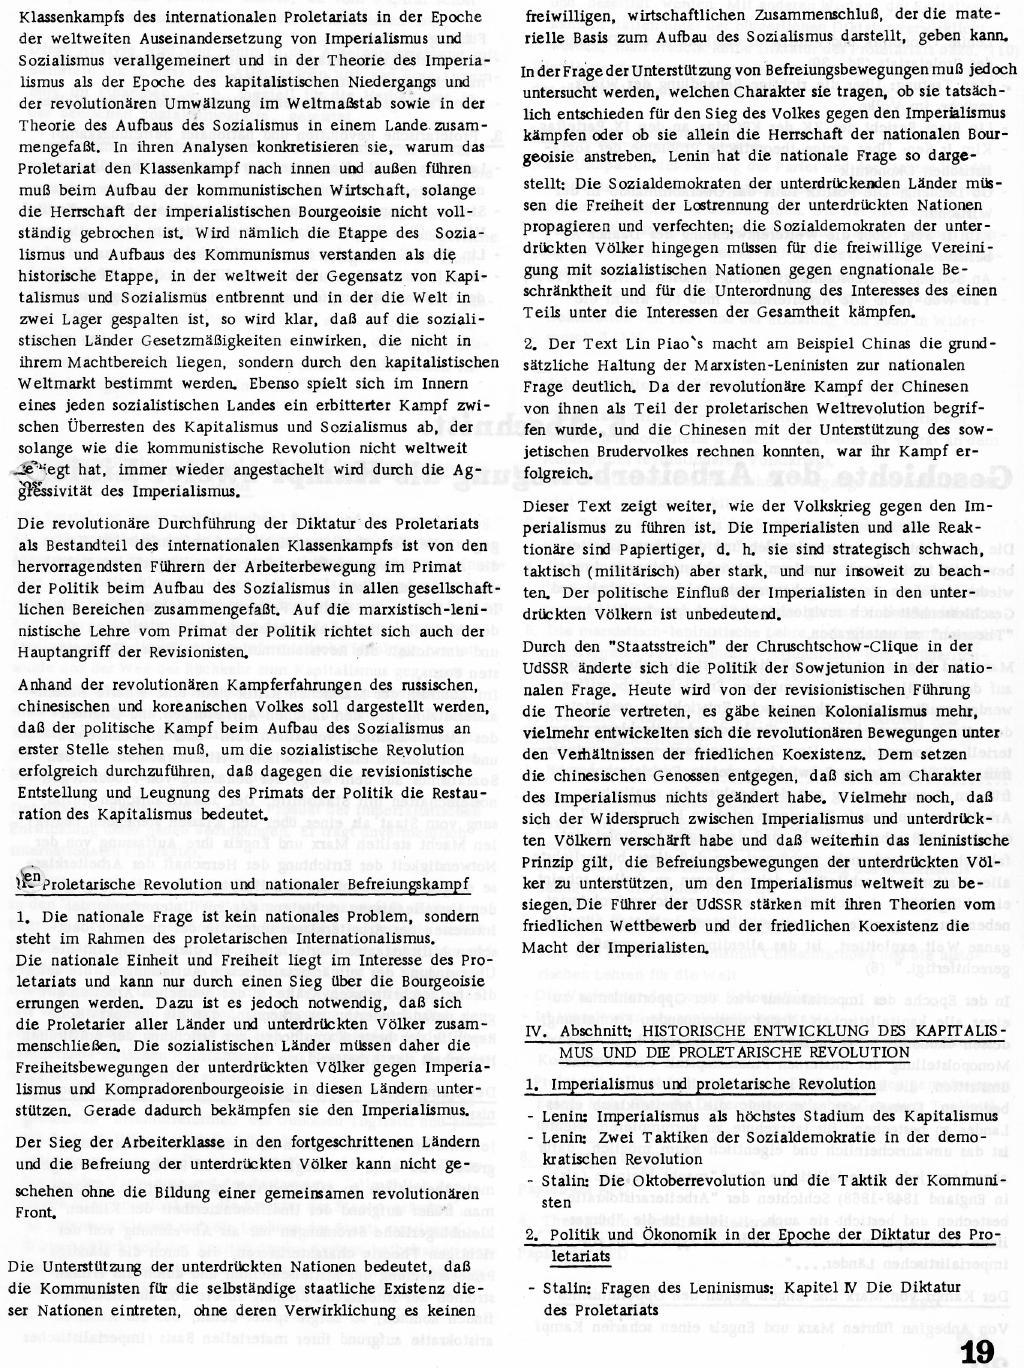 RPK_1971_128_129_19